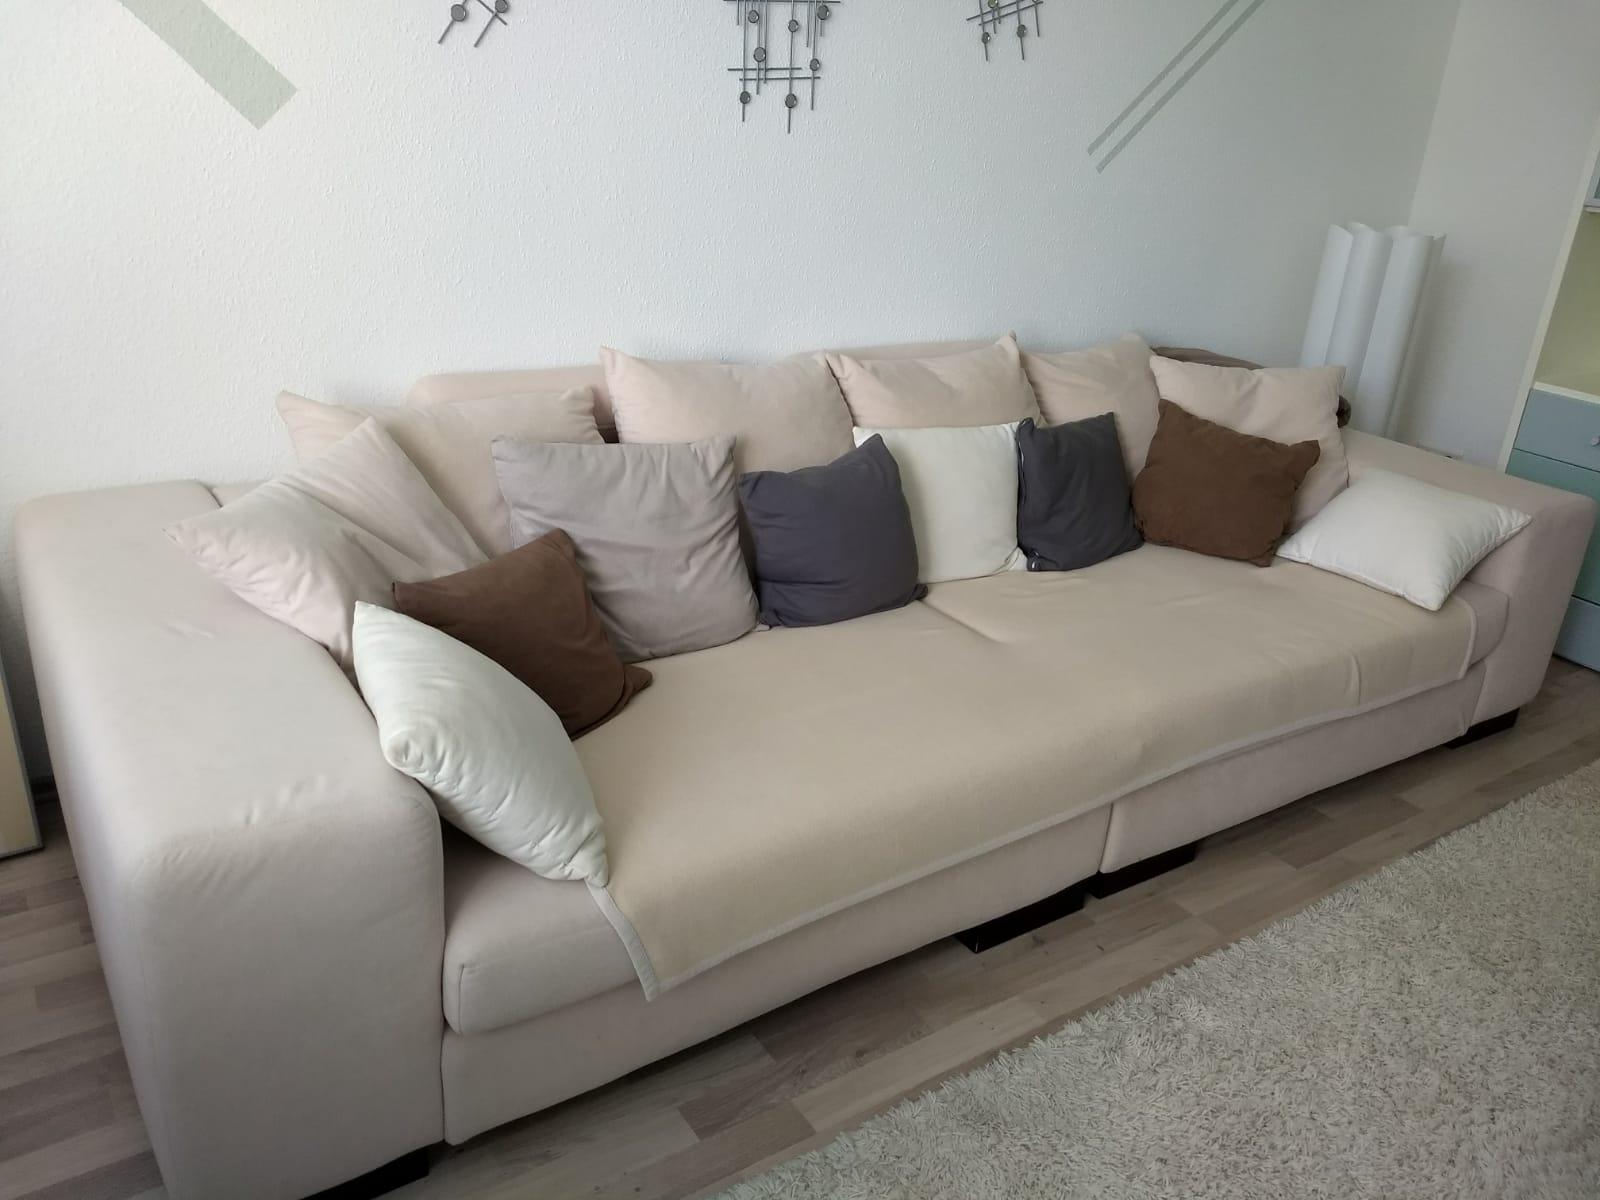 sehr schönes und breites 4Sitz Sofa in Berlin